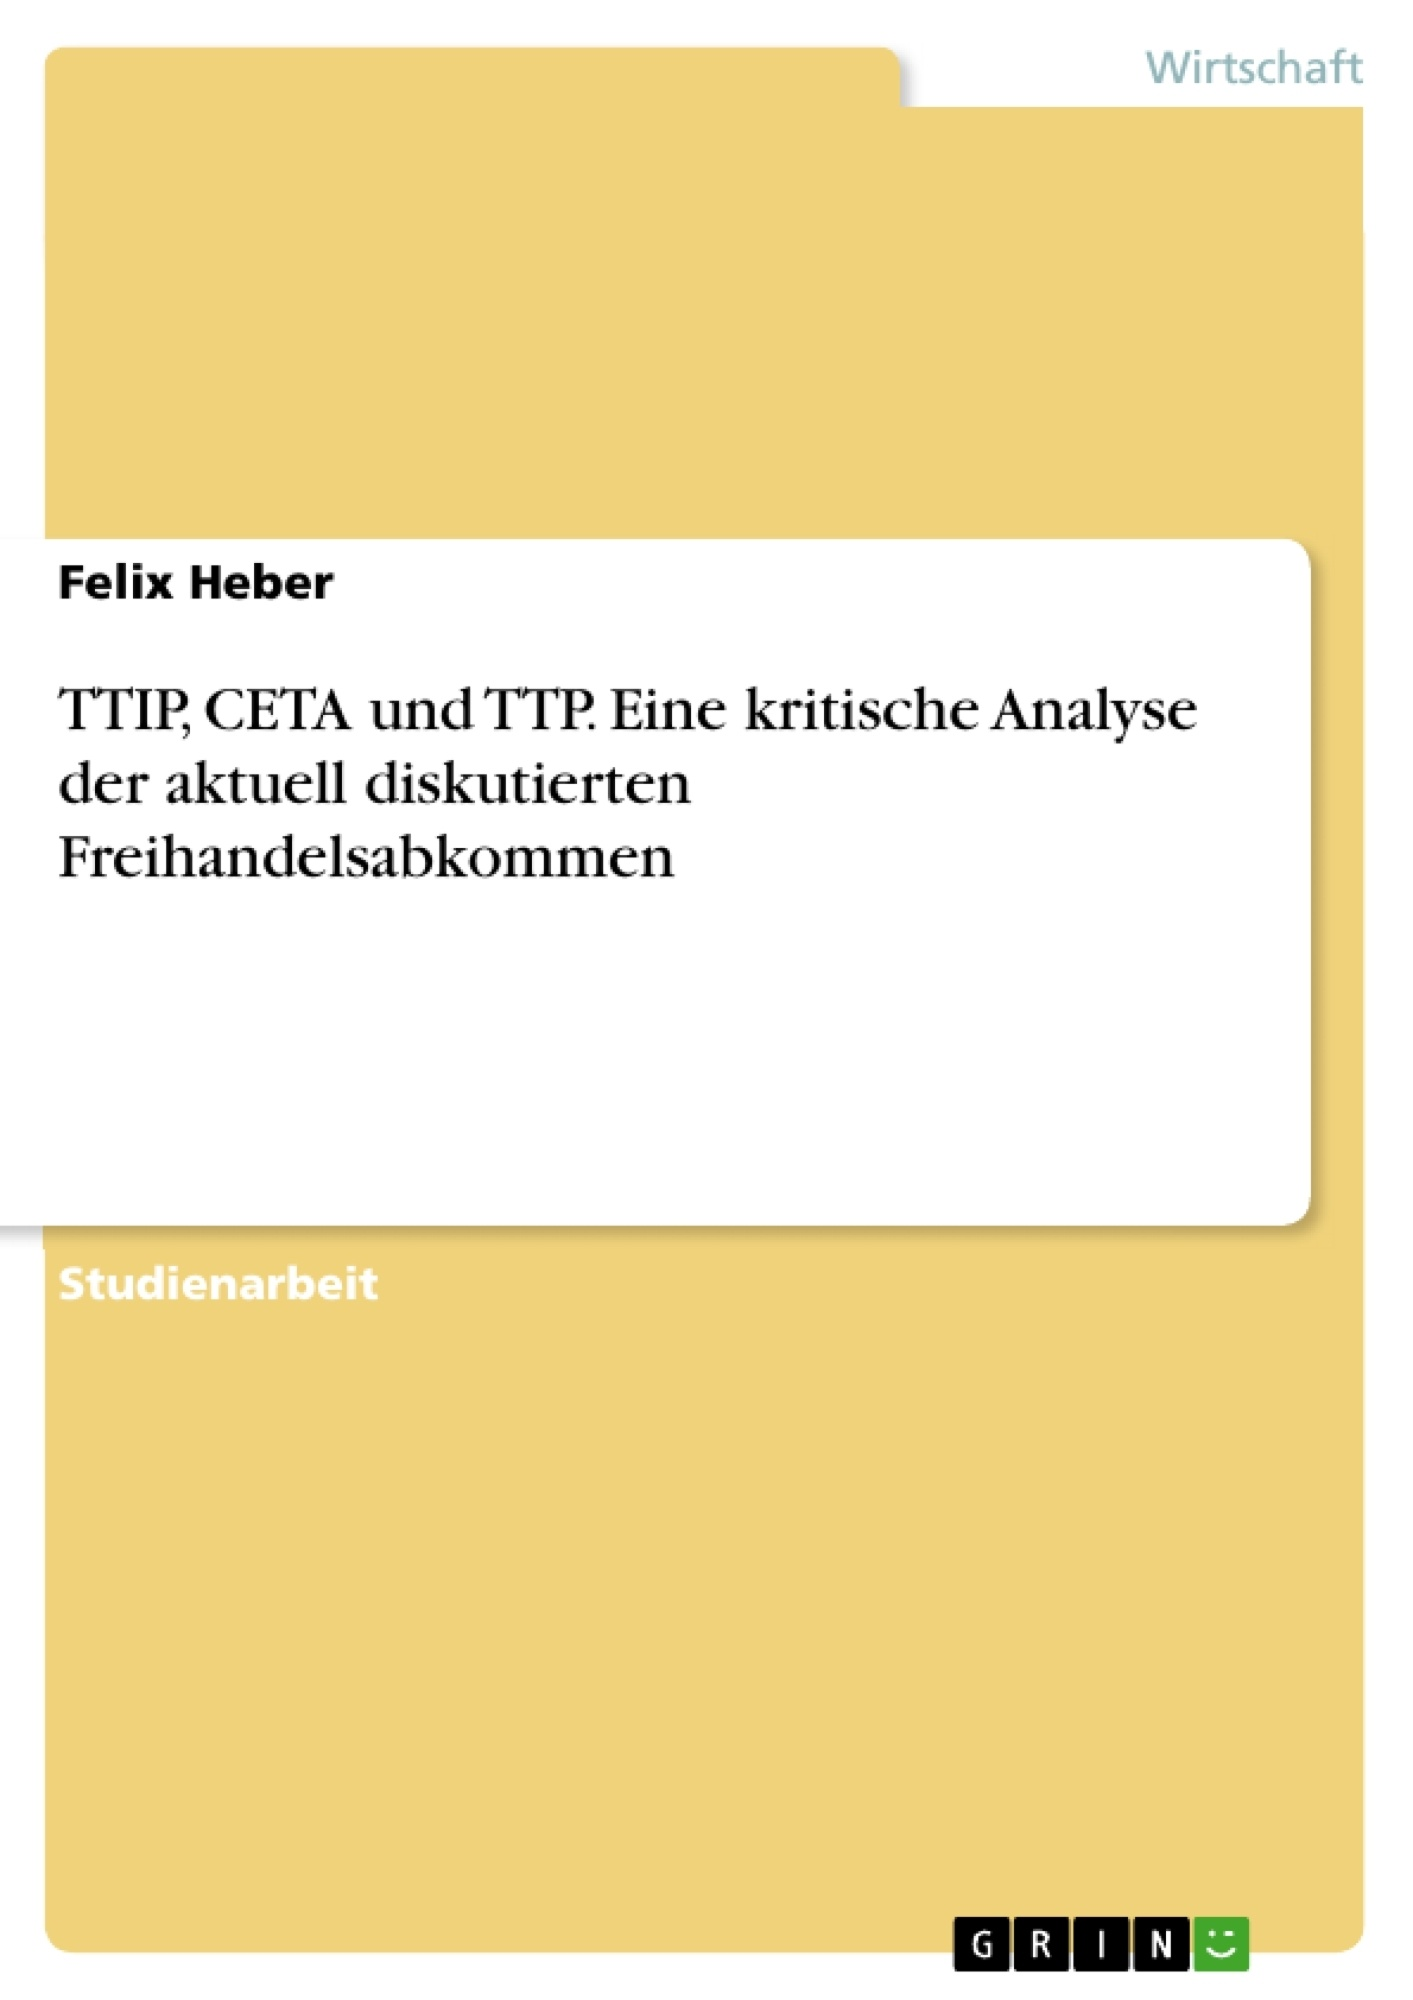 Titel: TTIP, CETA und TTP. Eine kritische Analyse der aktuell diskutierten Freihandelsabkommen